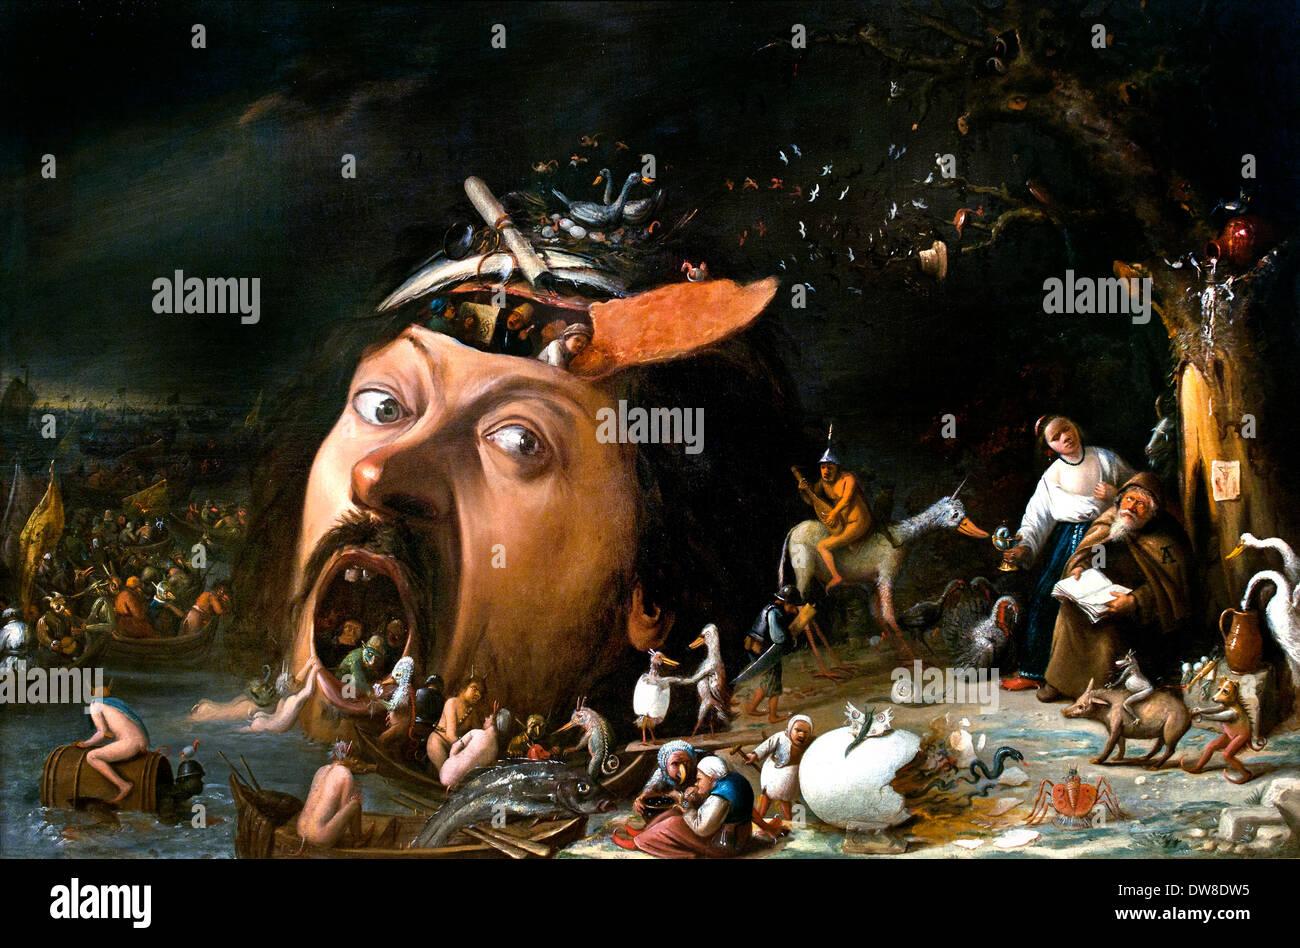 La Tentation de Saint Antoine 1650 Joos van Craesbeeck 1605 - 1661 Belgique belge flamande Photo Stock